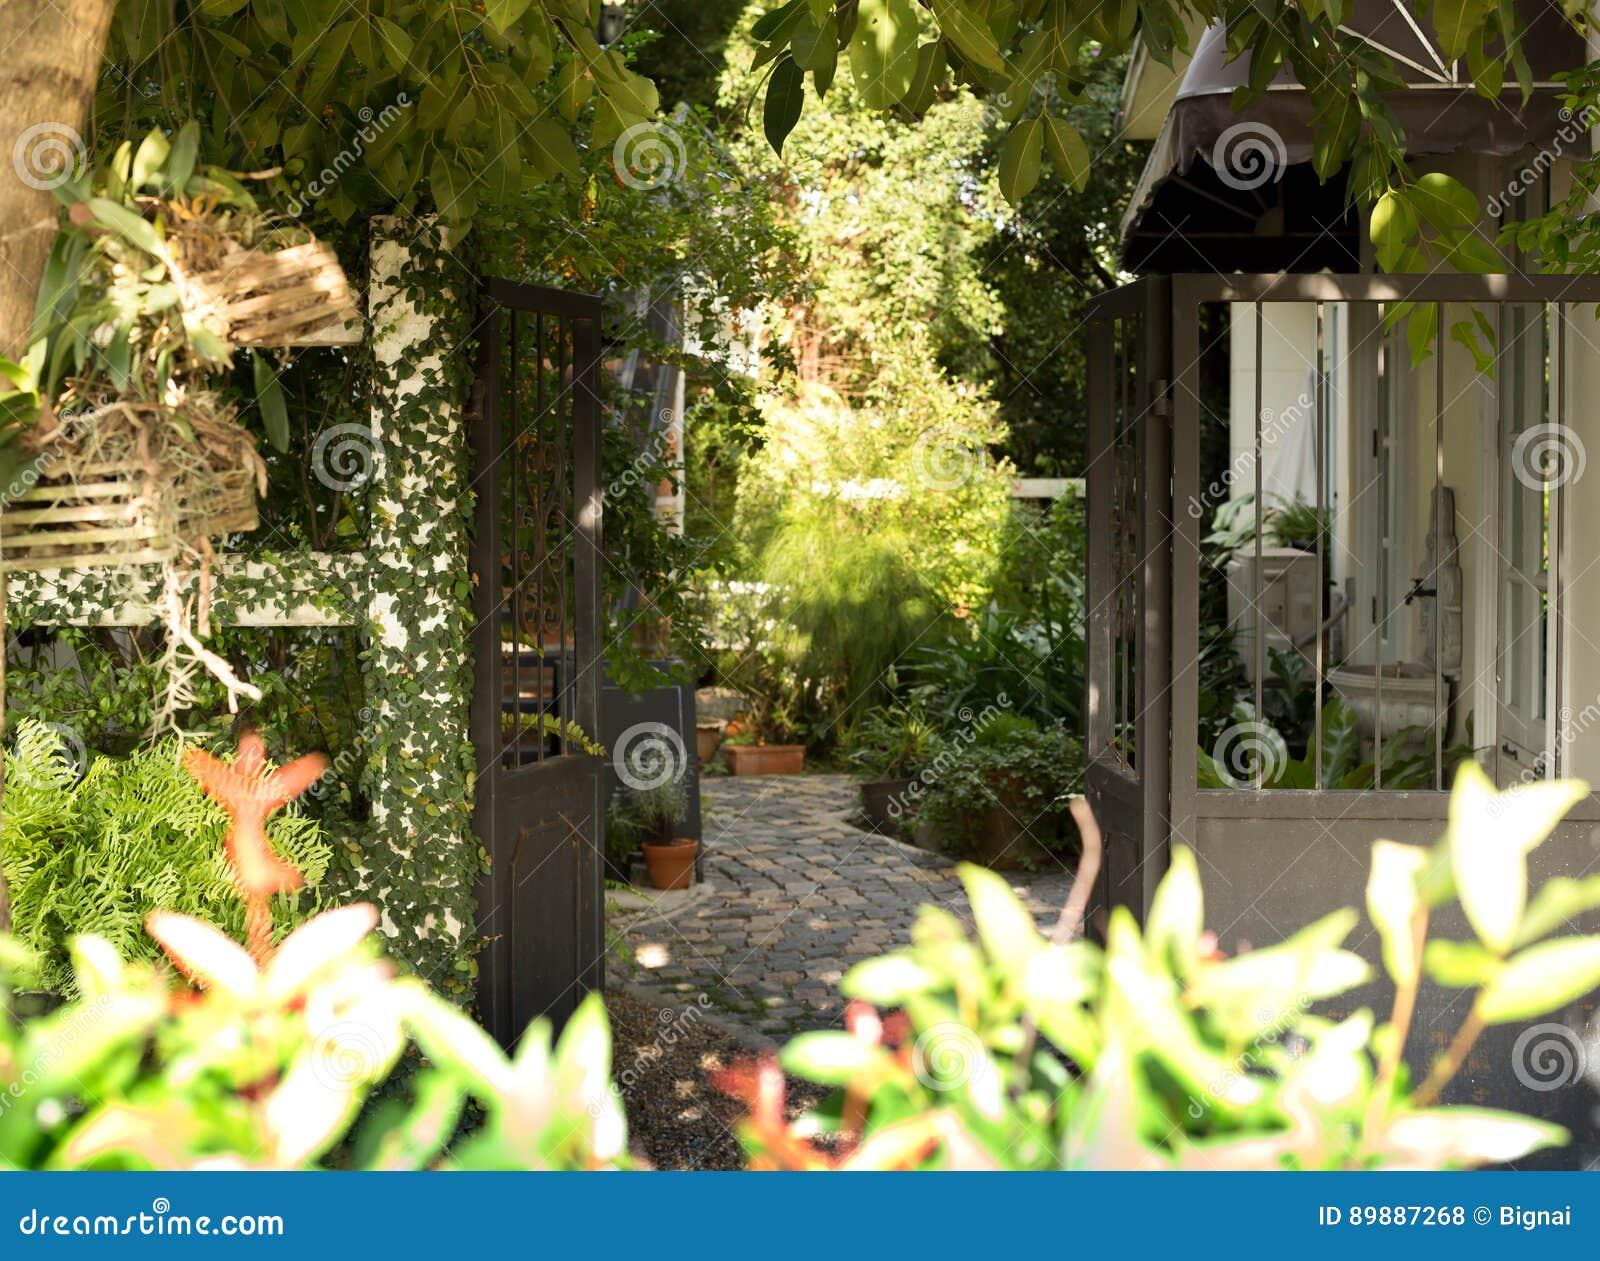 Modernes Metalltor Und Schöner Grüner Garten Stockfoto Bild Von